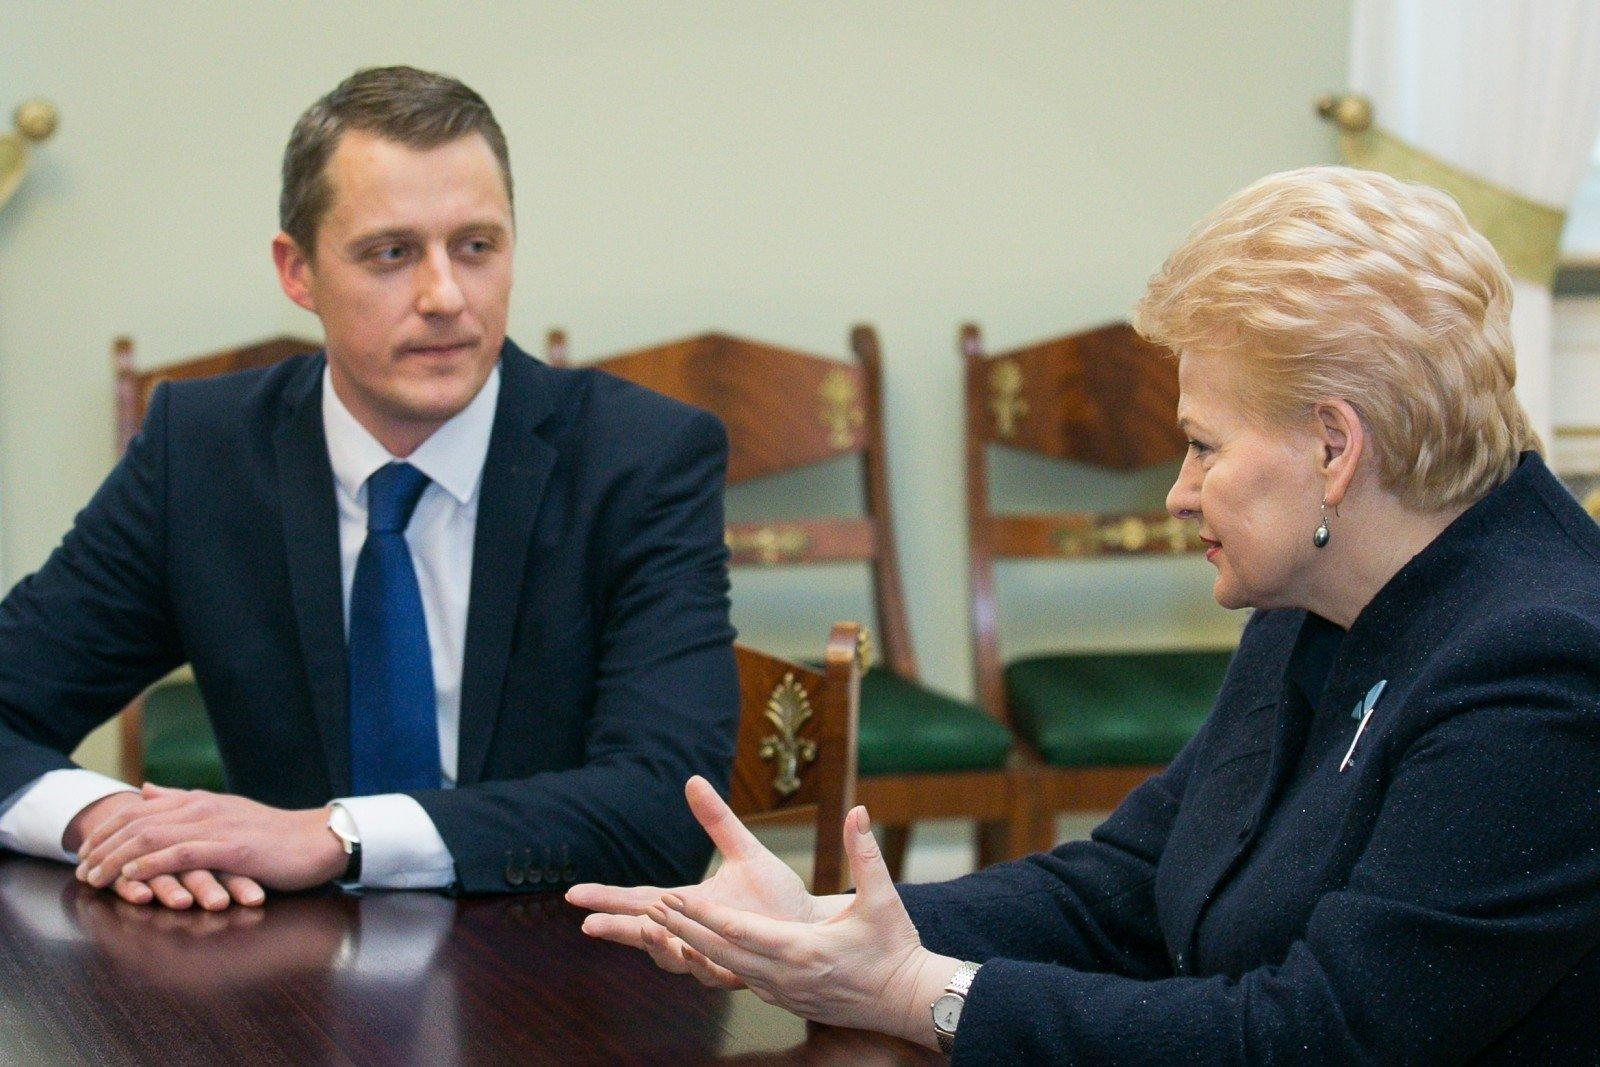 ФРГ выступает задопуск интернациональных инспекторов квозведению АЭС в Беларуси — Меркель